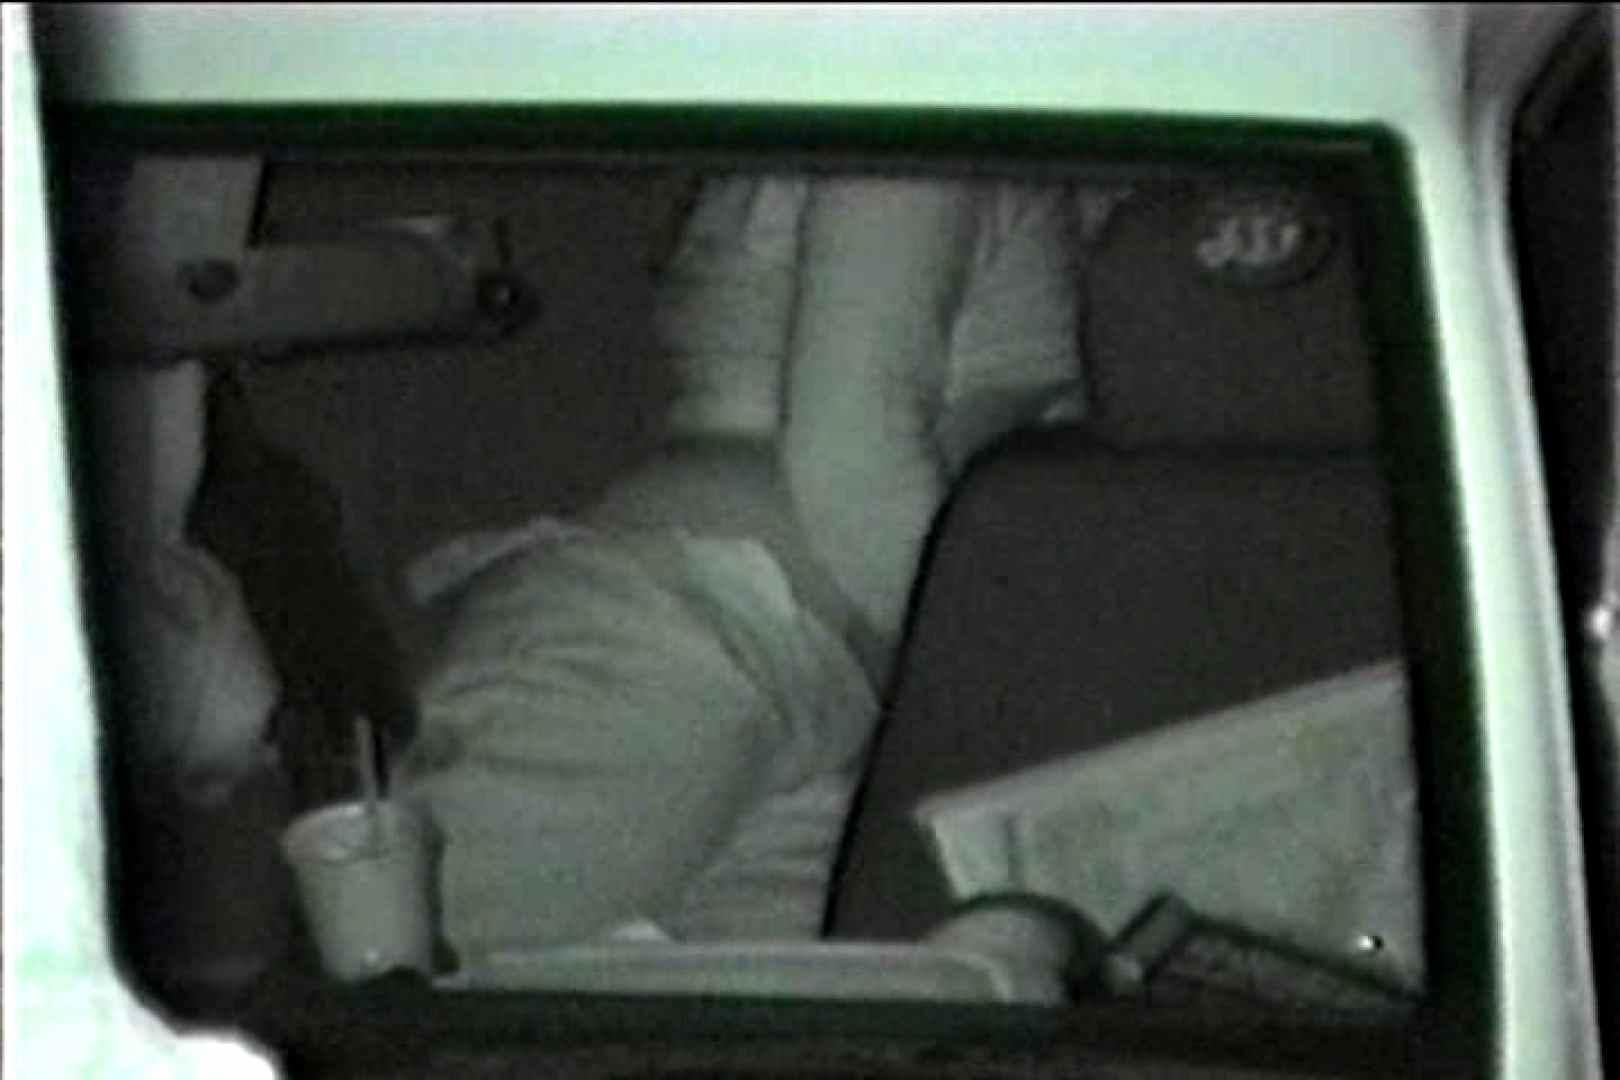 車の中はラブホテル 無修正版  Vol.7 接写 AV無料動画キャプチャ 84pic 10